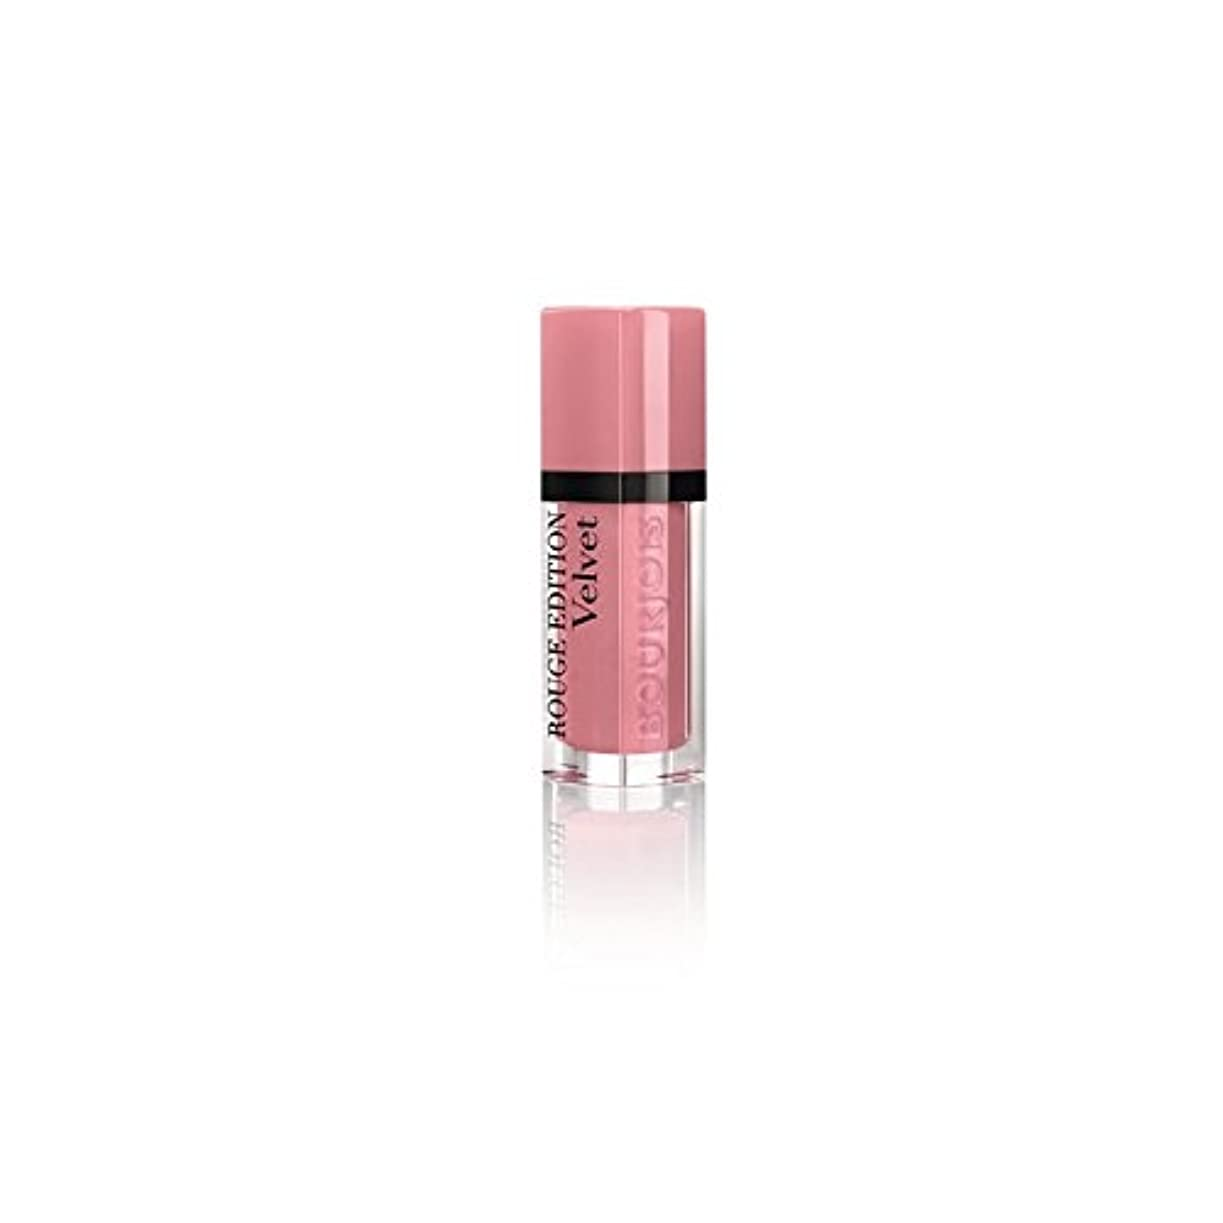 できない敏感な容赦ないブルジョワルージュ版のベルベットの口紅は、10のピンクはありません x4 - Bourjois Rouge Edition Velvet Lipstick Don't Pink of It 10 (Pack of 4) [並行輸入品]